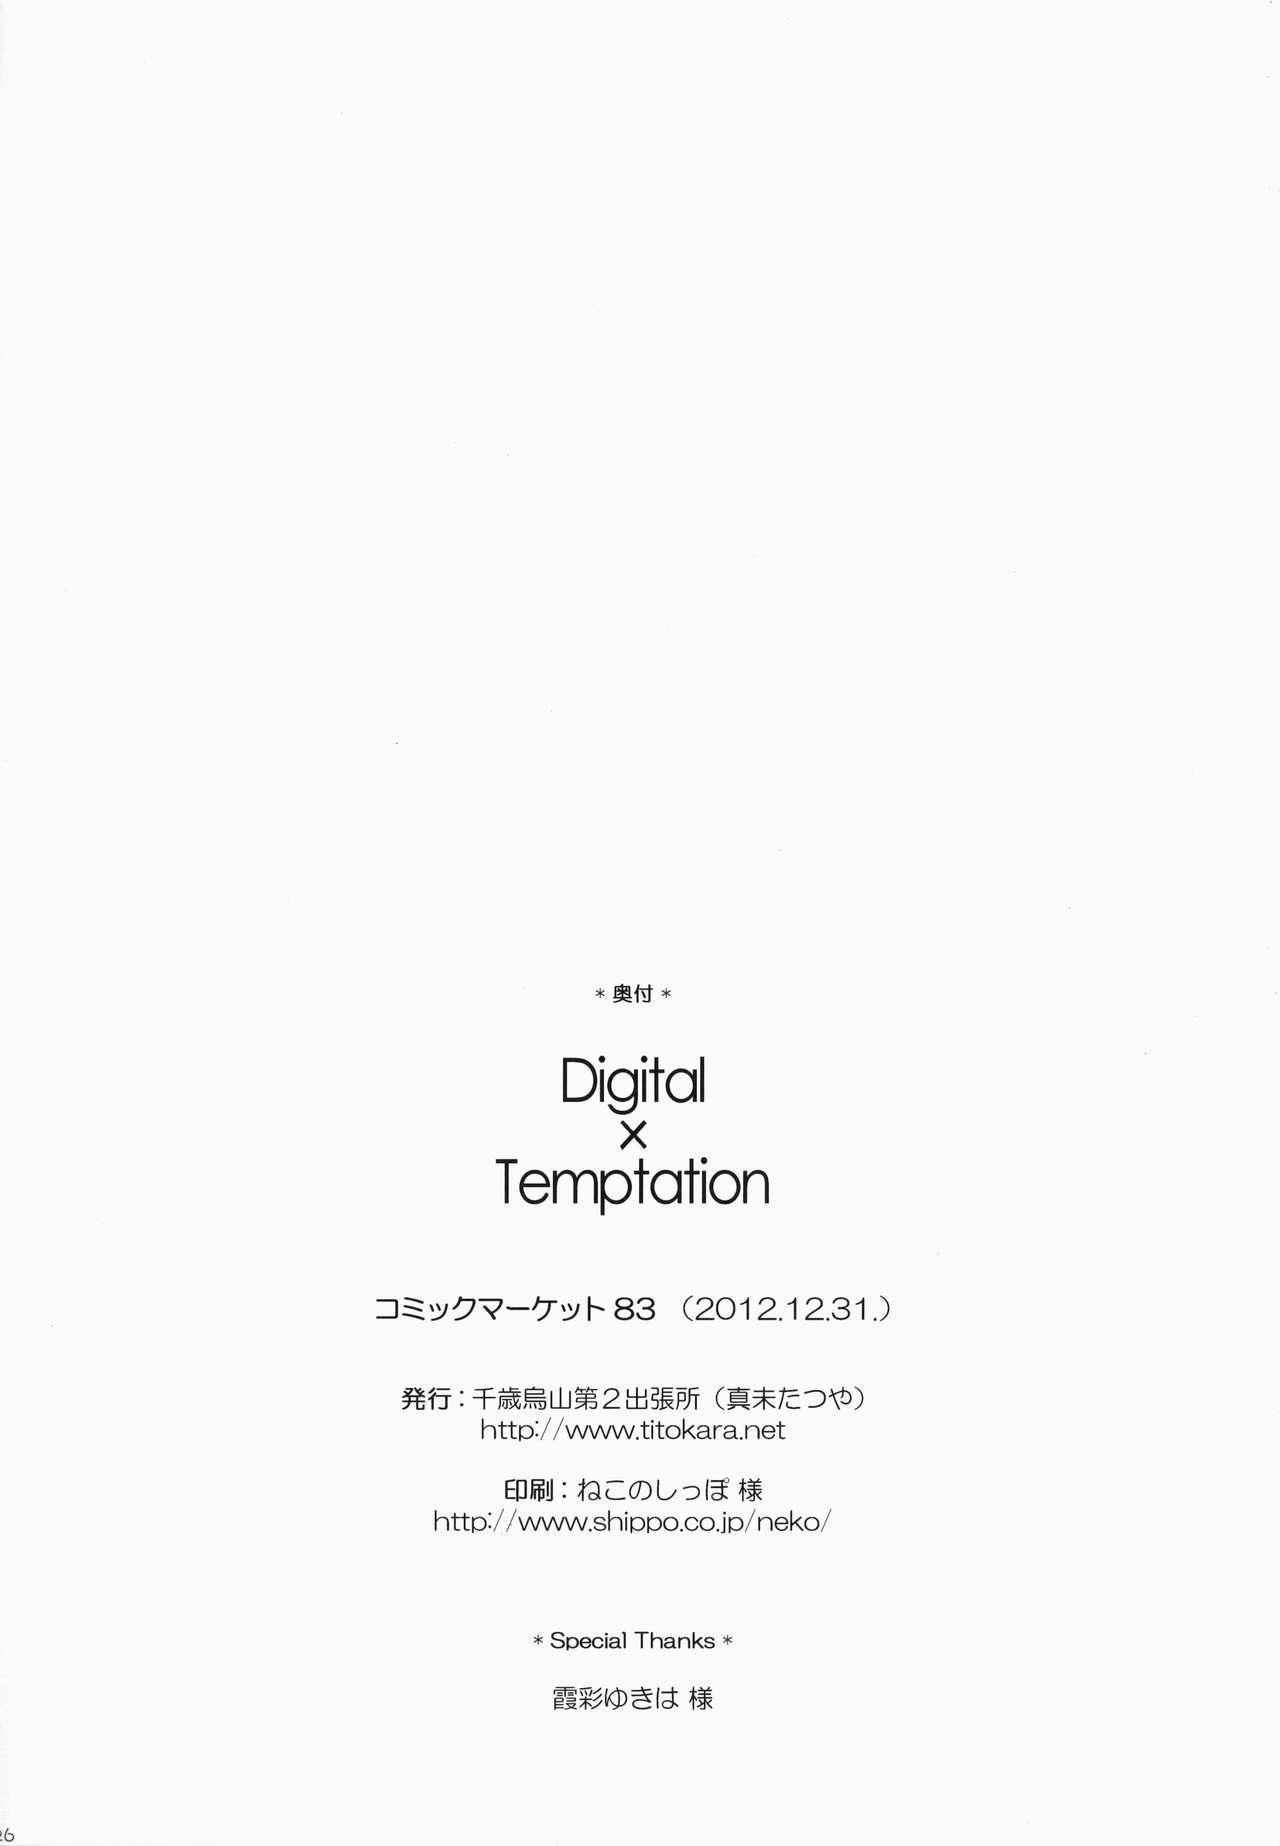 Digital x Temptation 25